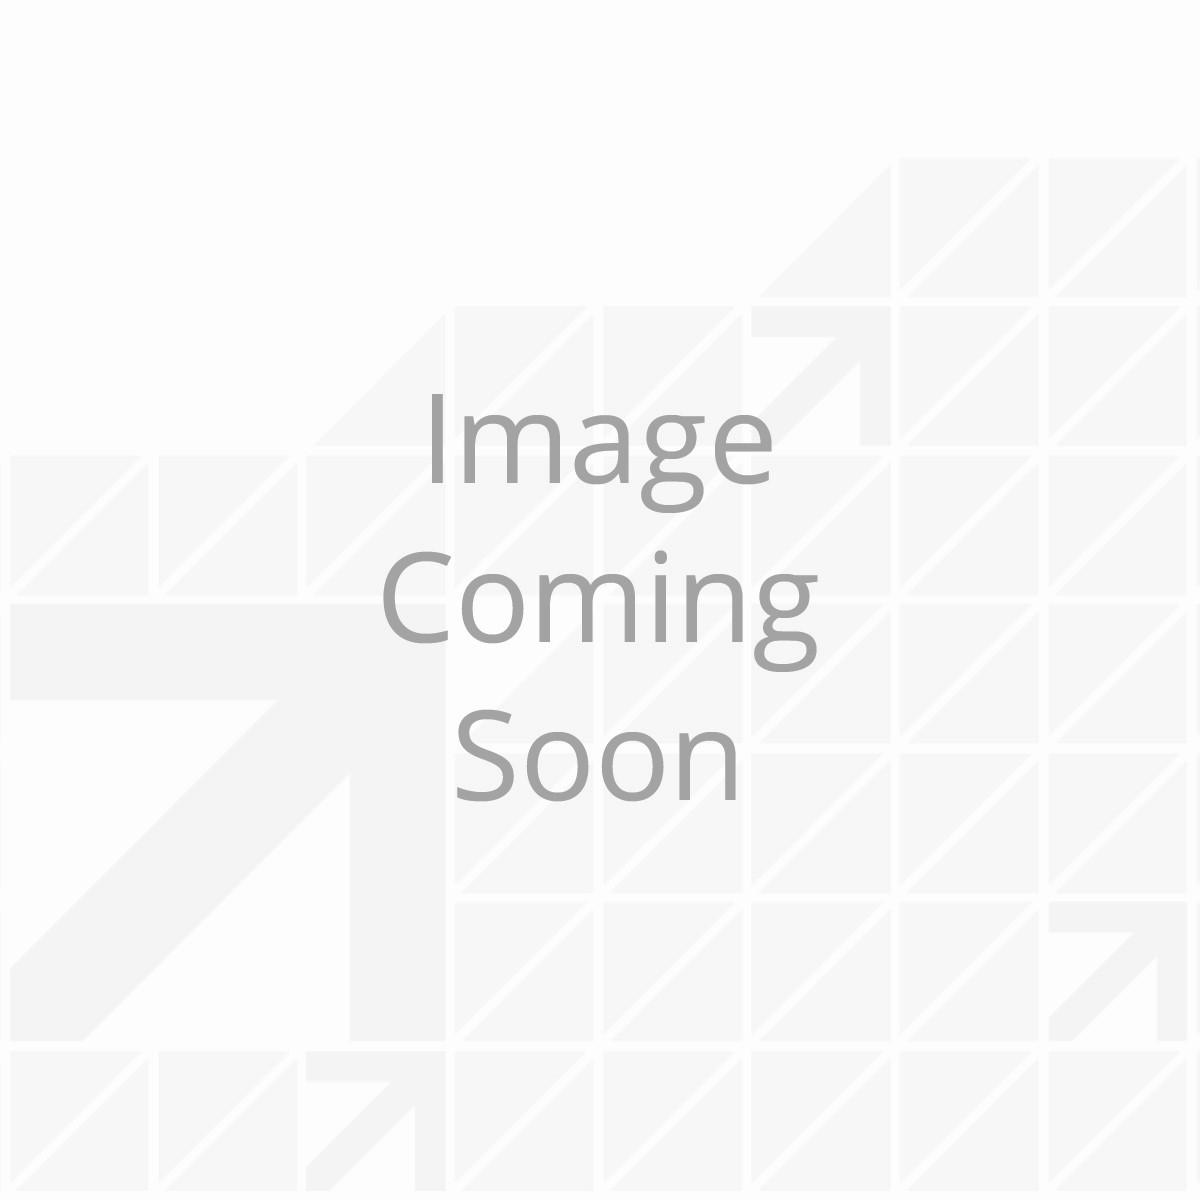 Electric Stabilizer Jack Switch Hatch Box; White